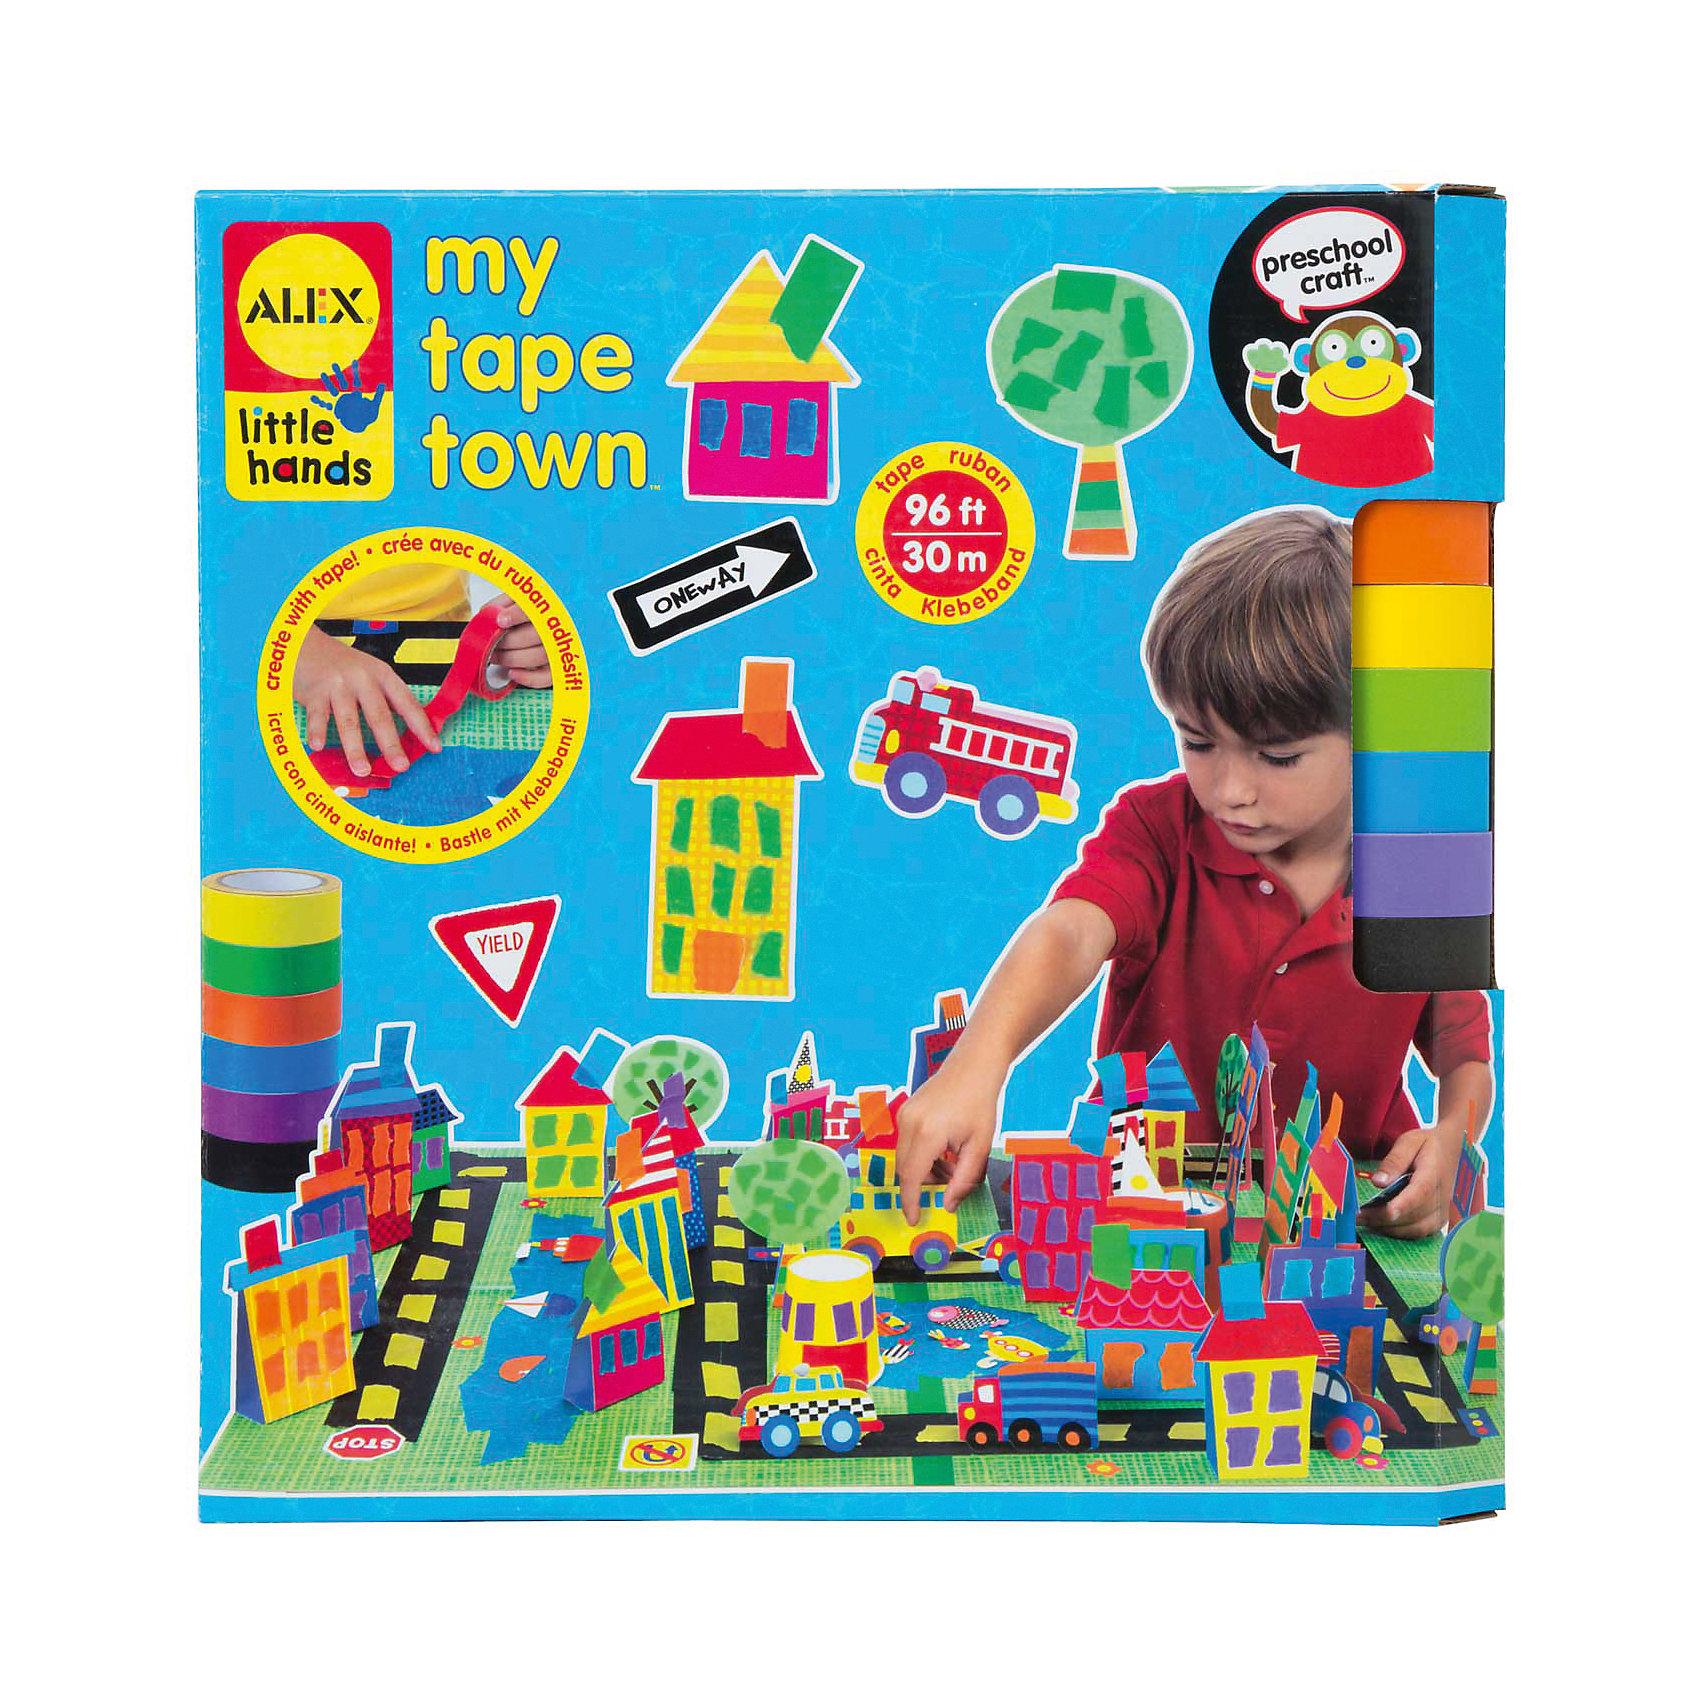 Набор для поделок из цветной клейкой ленты Город, ALEXИспользуя разноцветную клейкую ленту можно создать свой собственный город с домами, дорогами, машинками и парком.  Игра отлично развивает творческие способности и фантазию. В наборе 30 м цветной клейкой ленты 6 цветов, 68 стикеров, бумажные фигурки, 2 основы 20 х 30 см, 4 бумажных стаканчика и инструкция в картинках.<br><br>Ширина мм: 305<br>Глубина мм: 305<br>Высота мм: 50<br>Вес г: 550<br>Возраст от месяцев: 36<br>Возраст до месяцев: 72<br>Пол: Унисекс<br>Возраст: Детский<br>SKU: 4781123